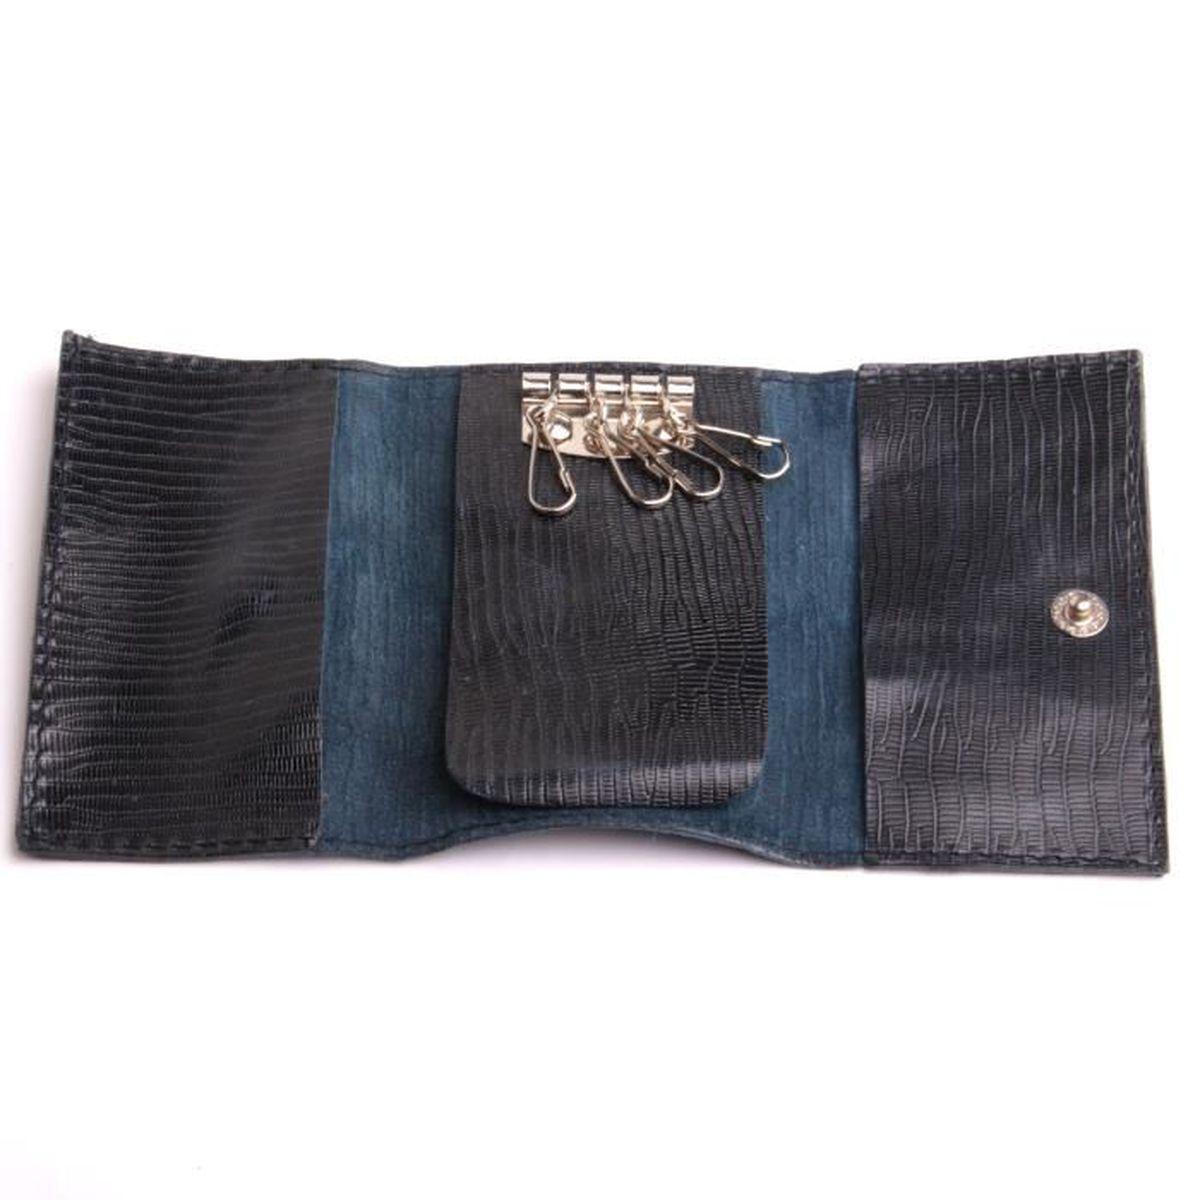 9e3cb5a040a7 Étui clés en cuir noir façon lézard porte-clés avec poches marque by ...